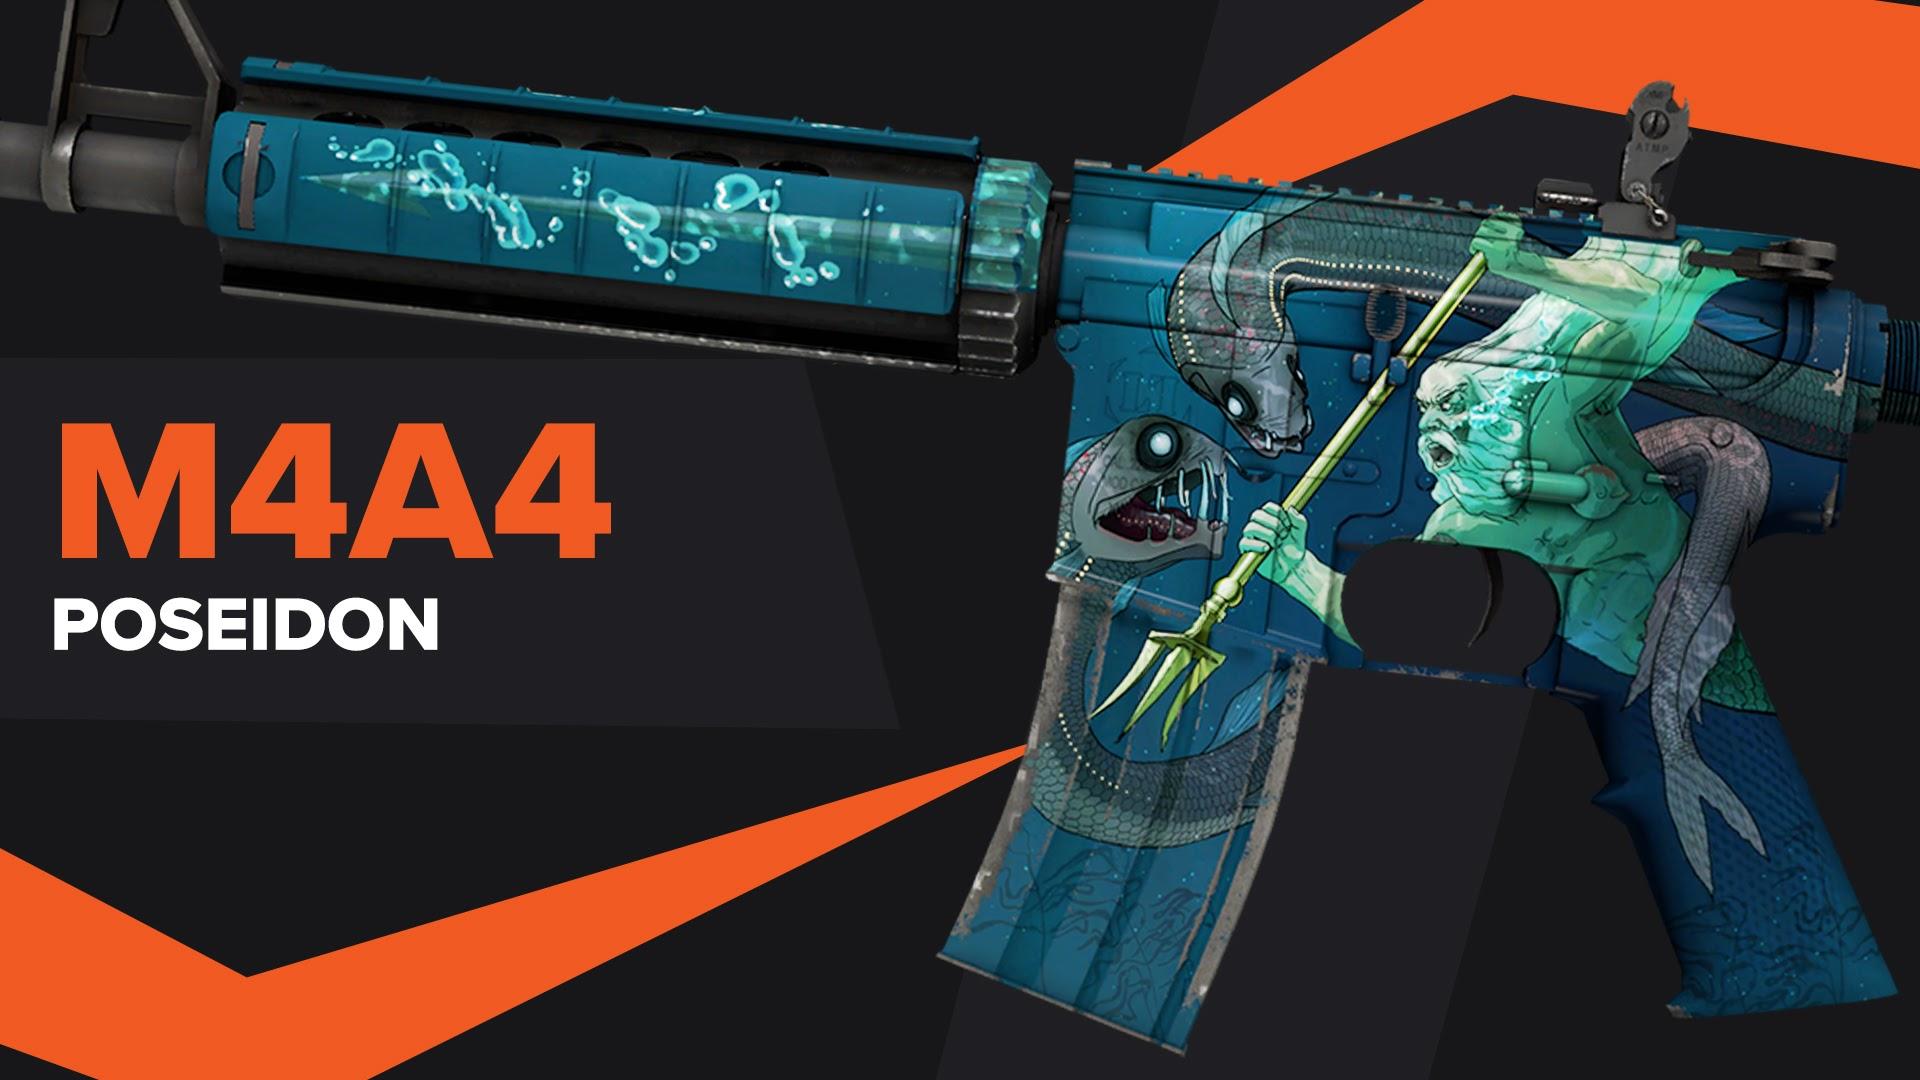 Poseidon CSGO Skin M4A4